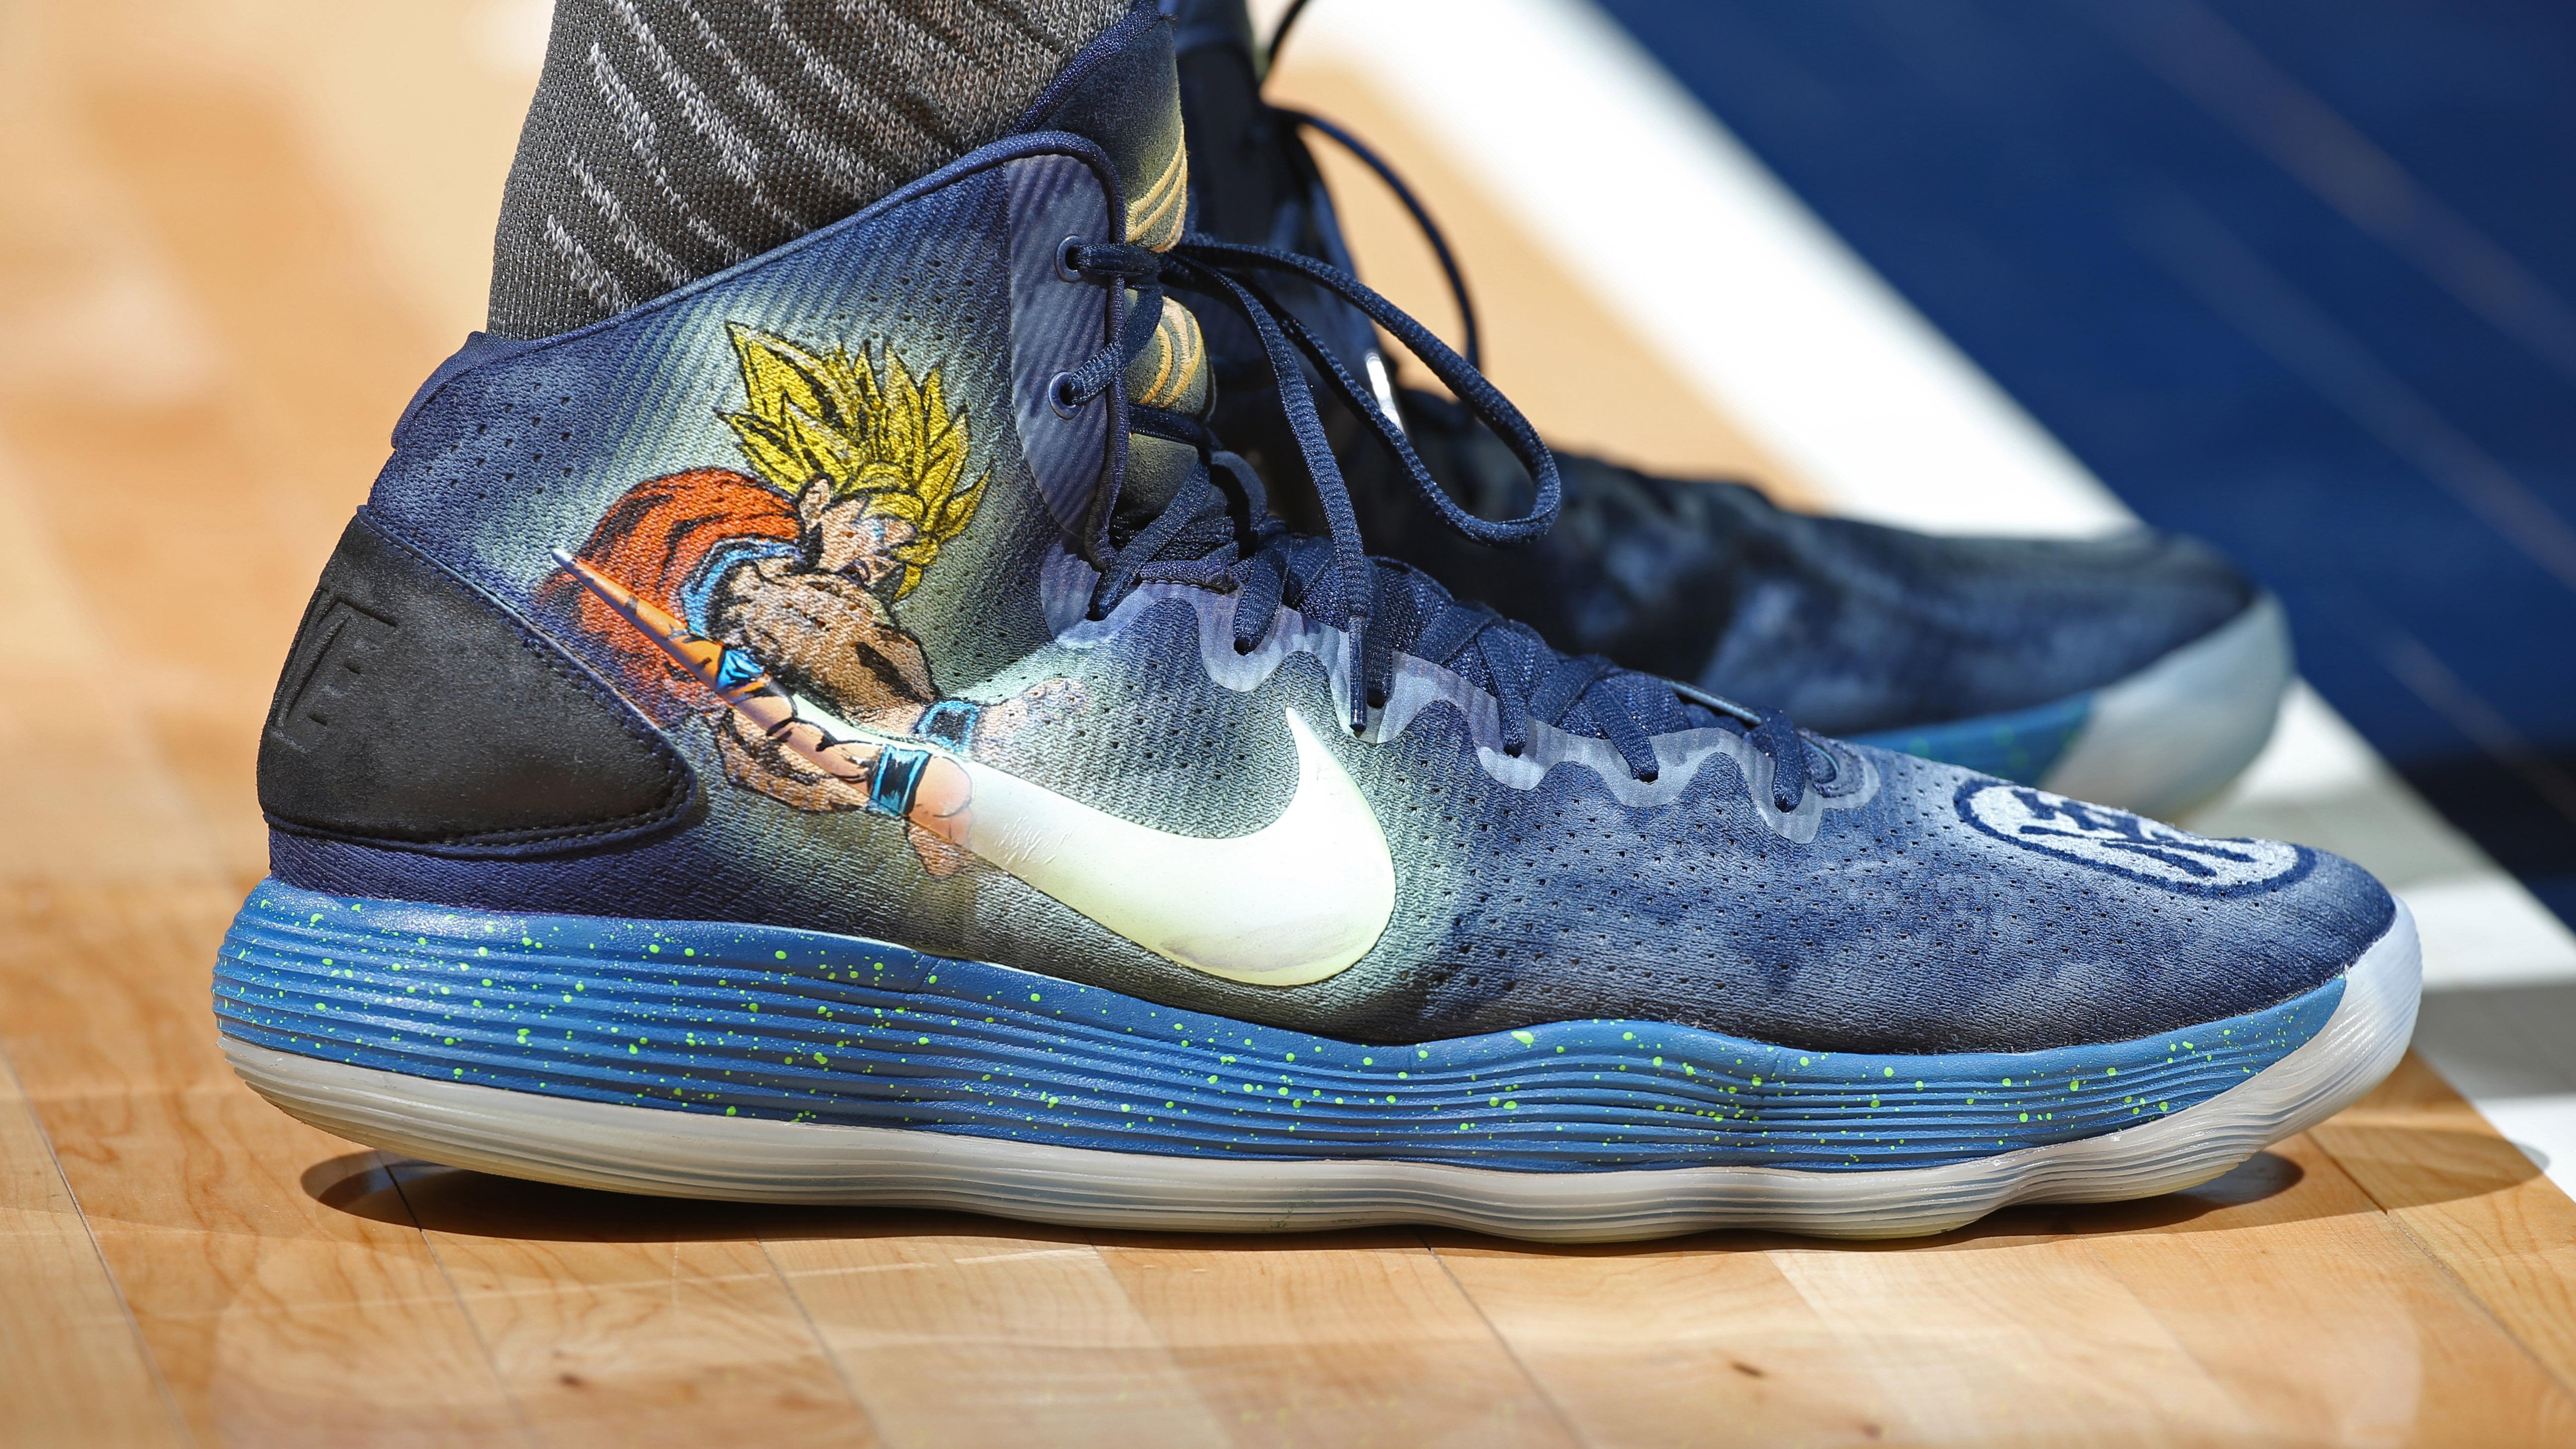 Abierto Reductor Reina  La NBA permite que los jugadores elijan los colores de sus zapatillas | NBA.com  España | El sitio oficial de la NBA